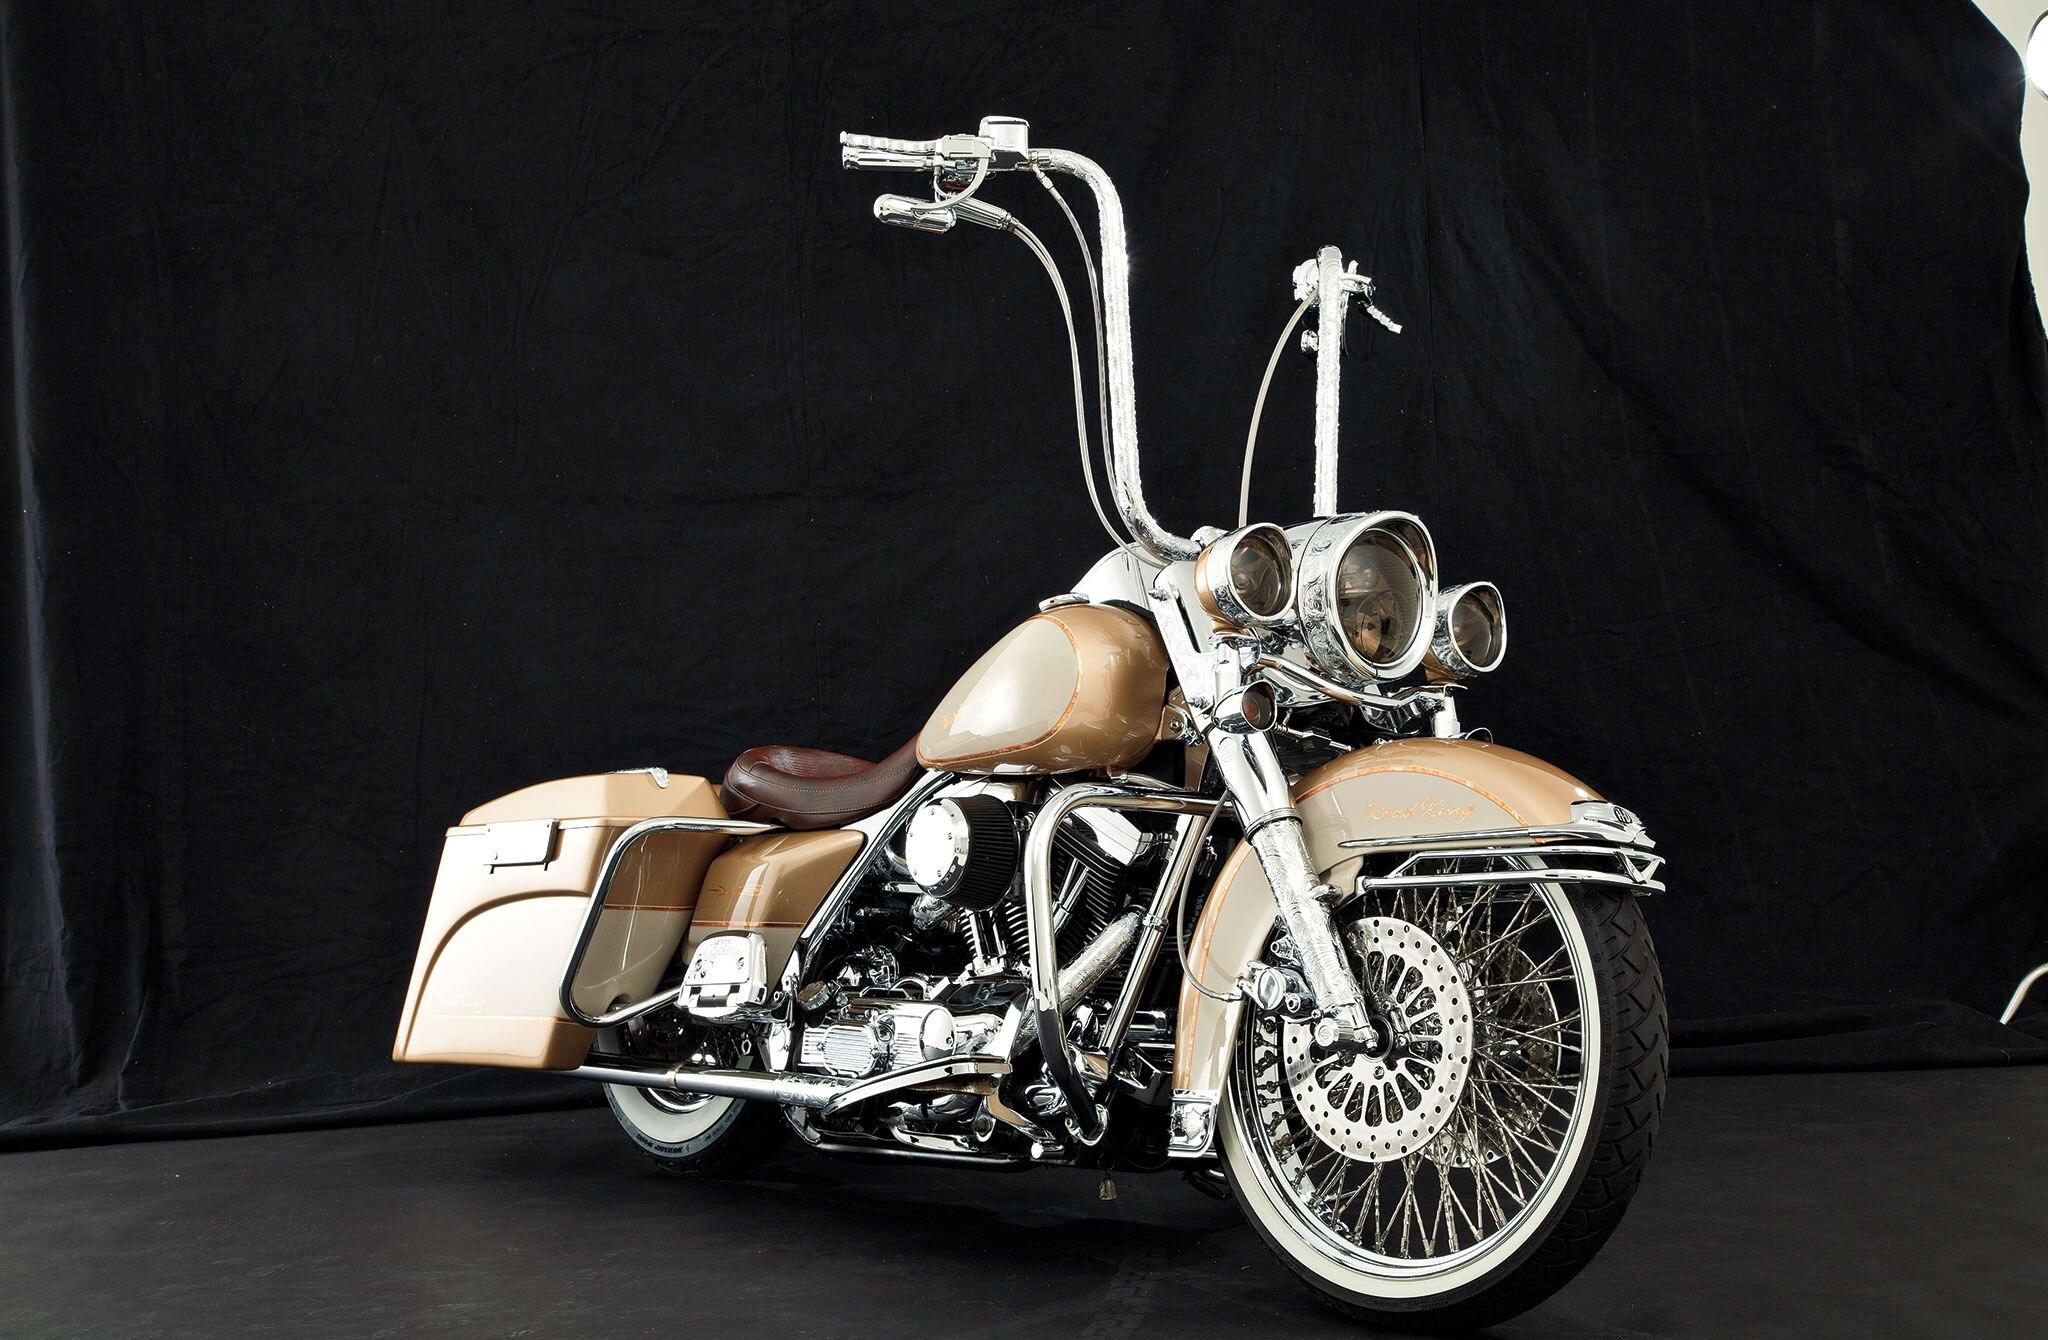 1997 Harley Davidson Road King Life Slow Lane Lowrider 12